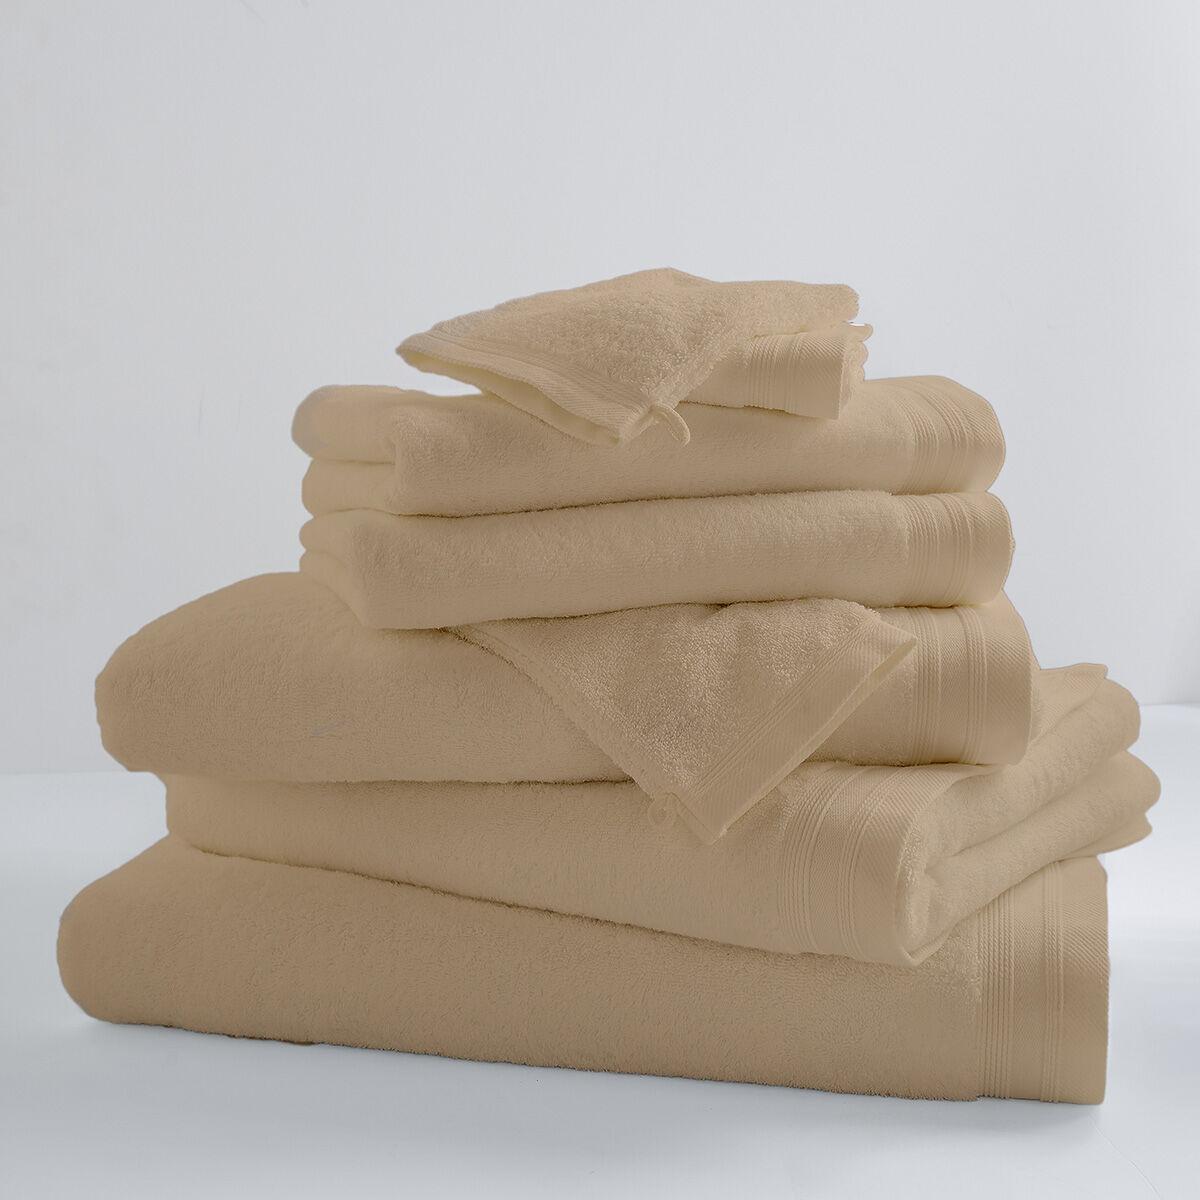 Home Bain Drap de bain uni et coloré coton beige 150x100